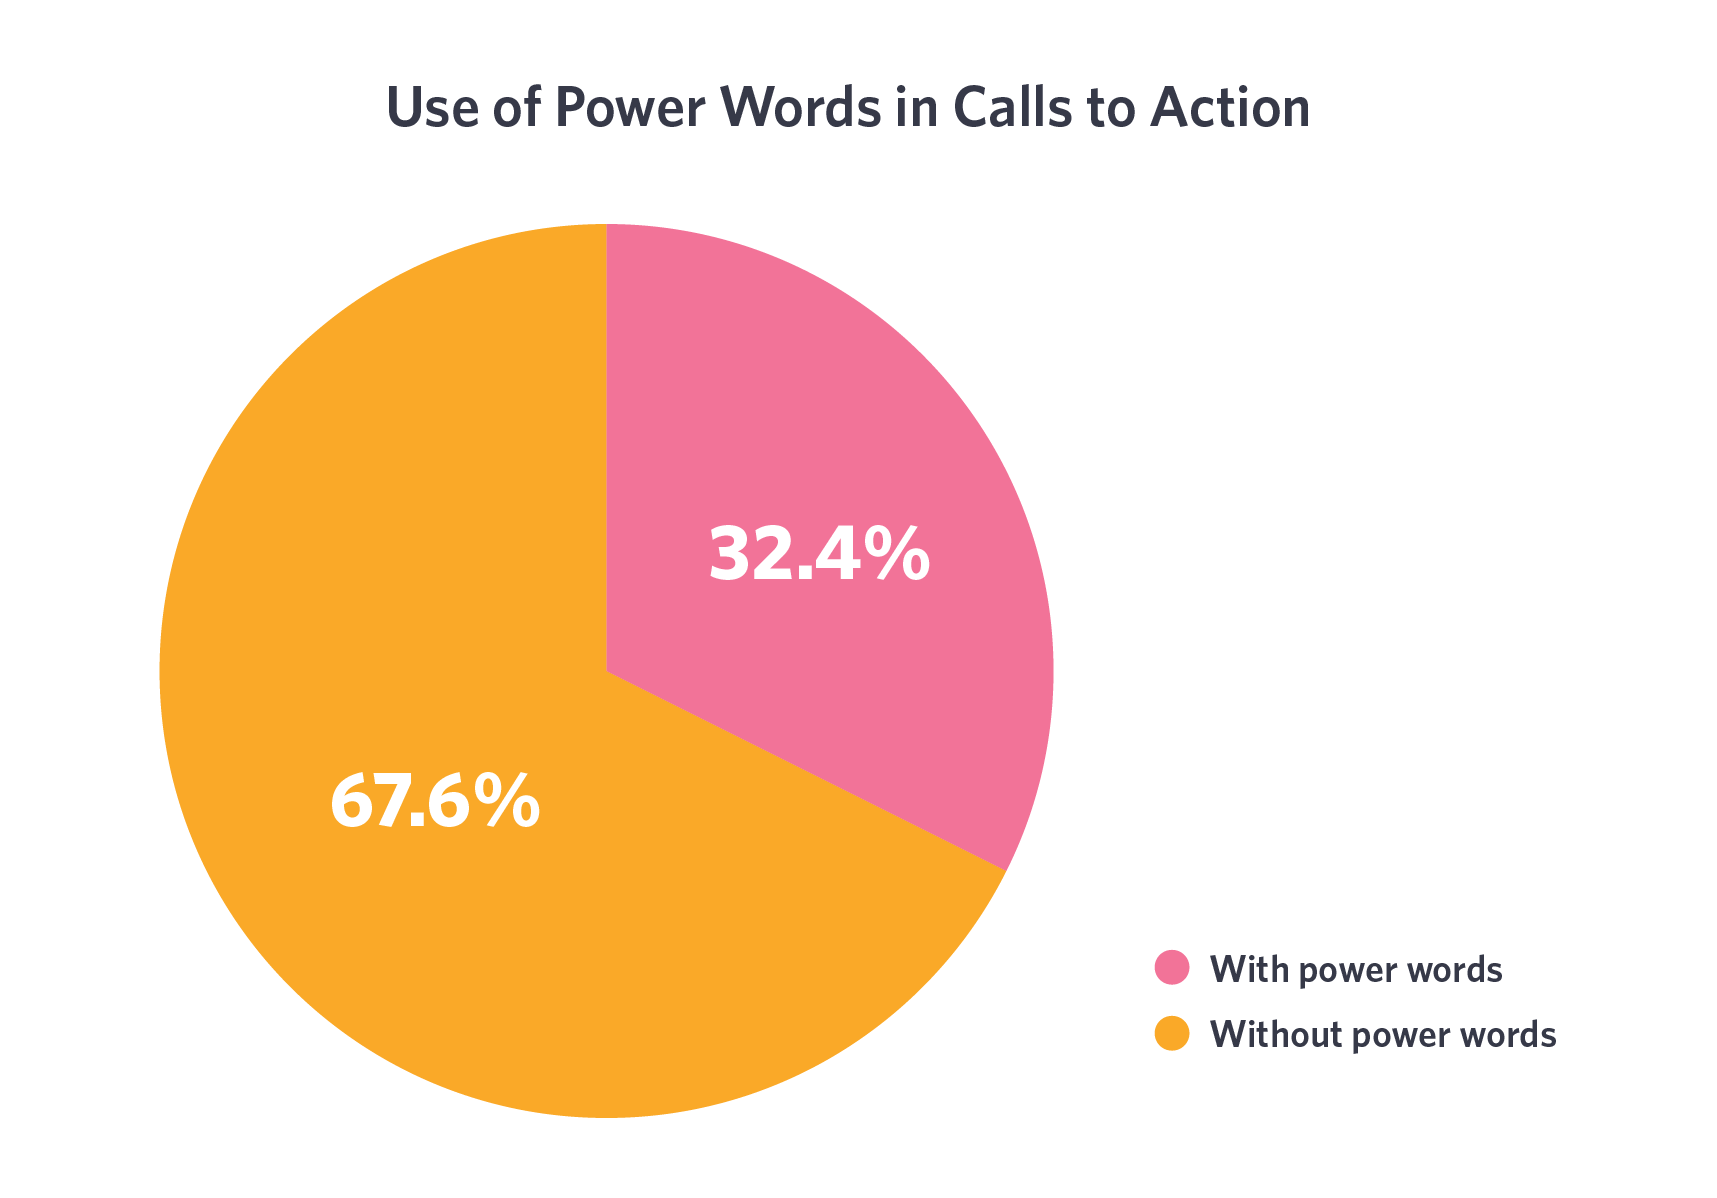 Un des conseils les plus souvent prodigués, c'est l'utilisation de mots puissants pour augmenter l'efficacité des appels à l'action.